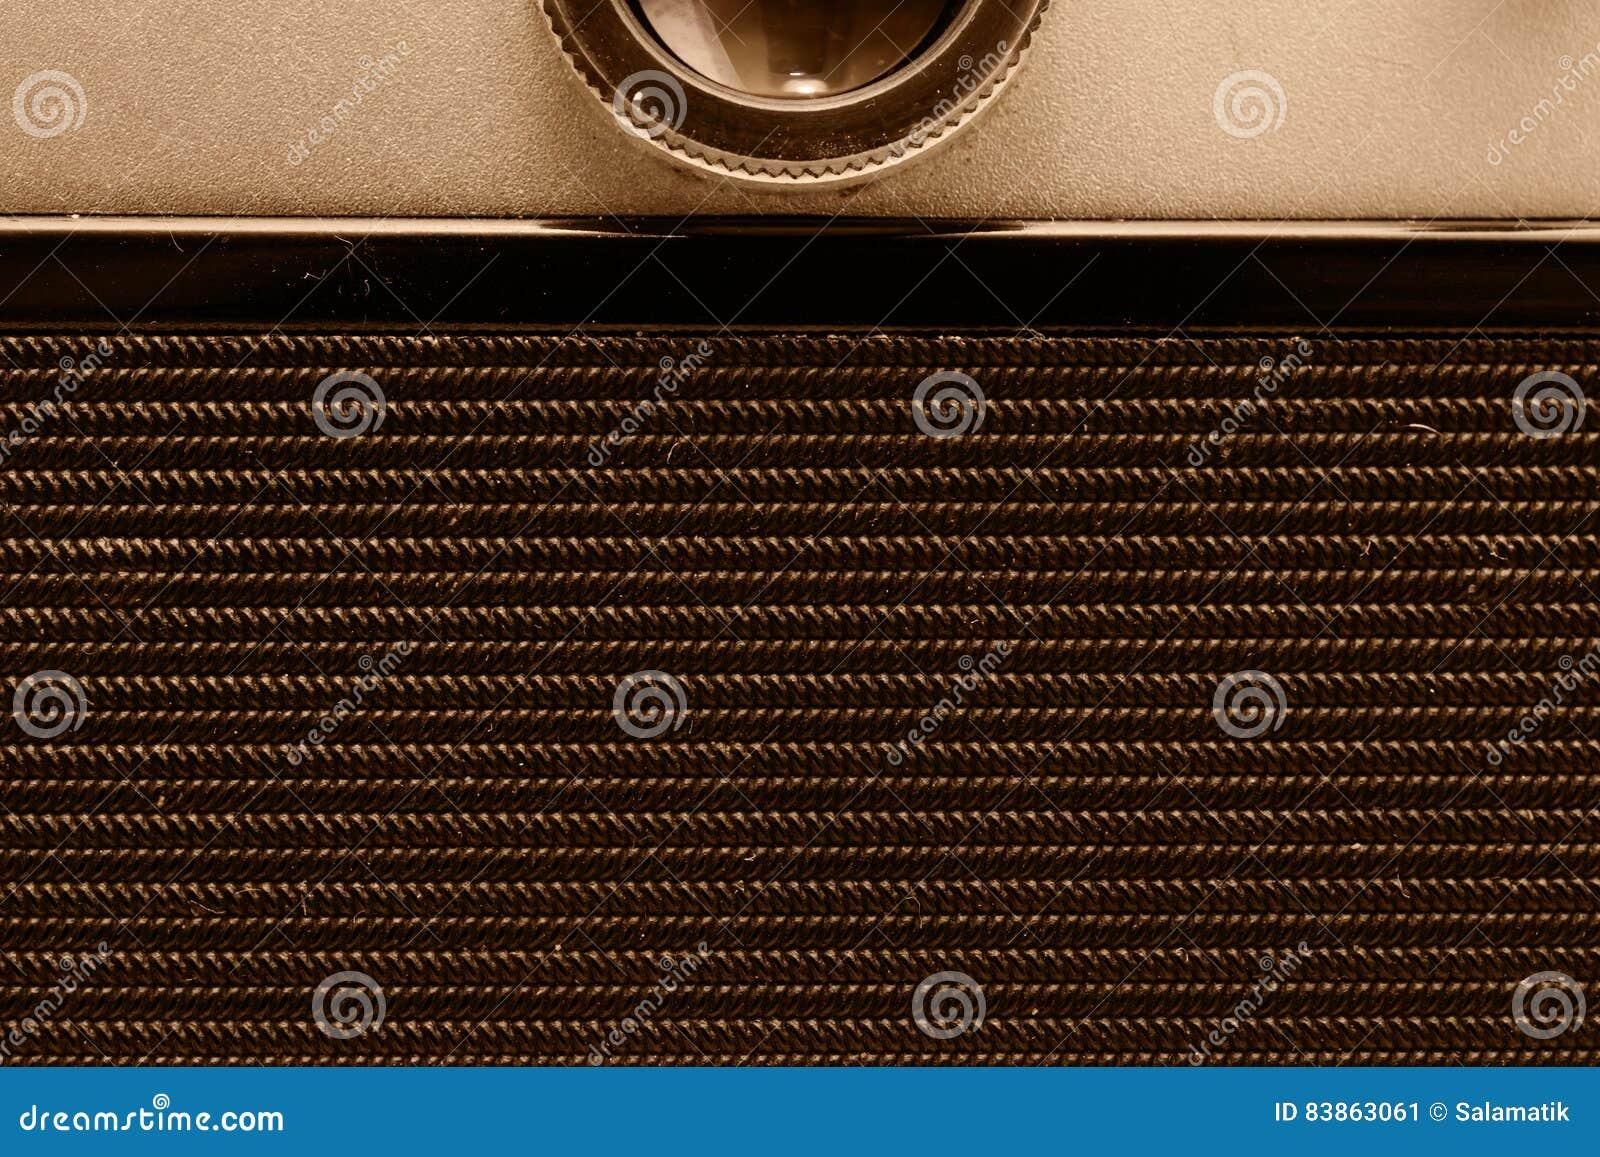 Πίσω μέρος της κάμερας ταινιών στενό χρωμάτων ύδωρ όψης κρίνων μαλακό επάνω Μακροεντολή αφηρημένος τρύγος δομών φωτογραφιών ανασκ